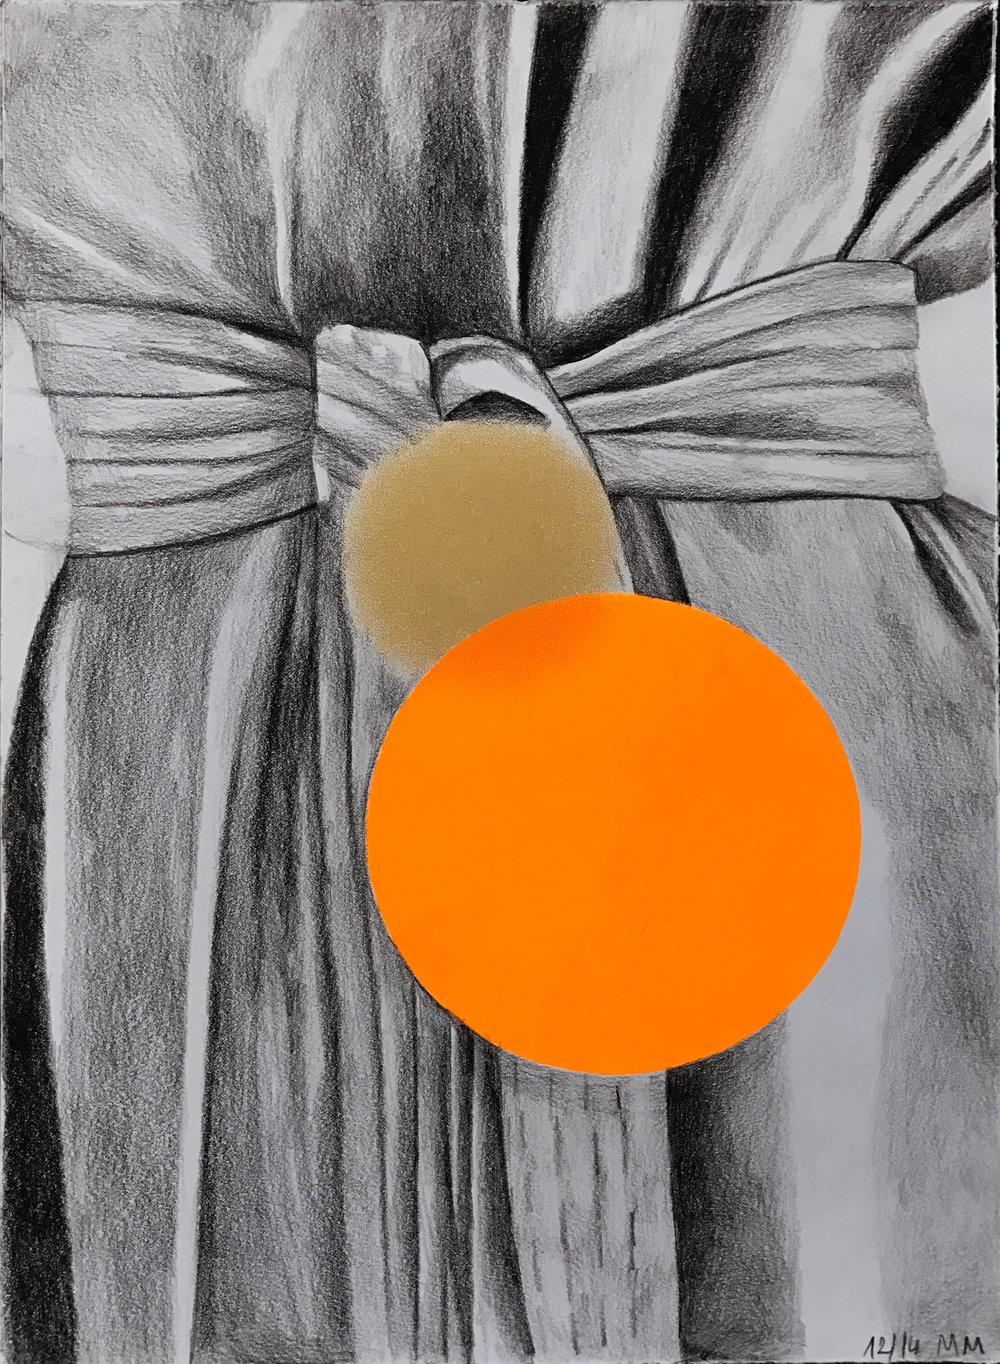 le sourire de Malevich 12/14